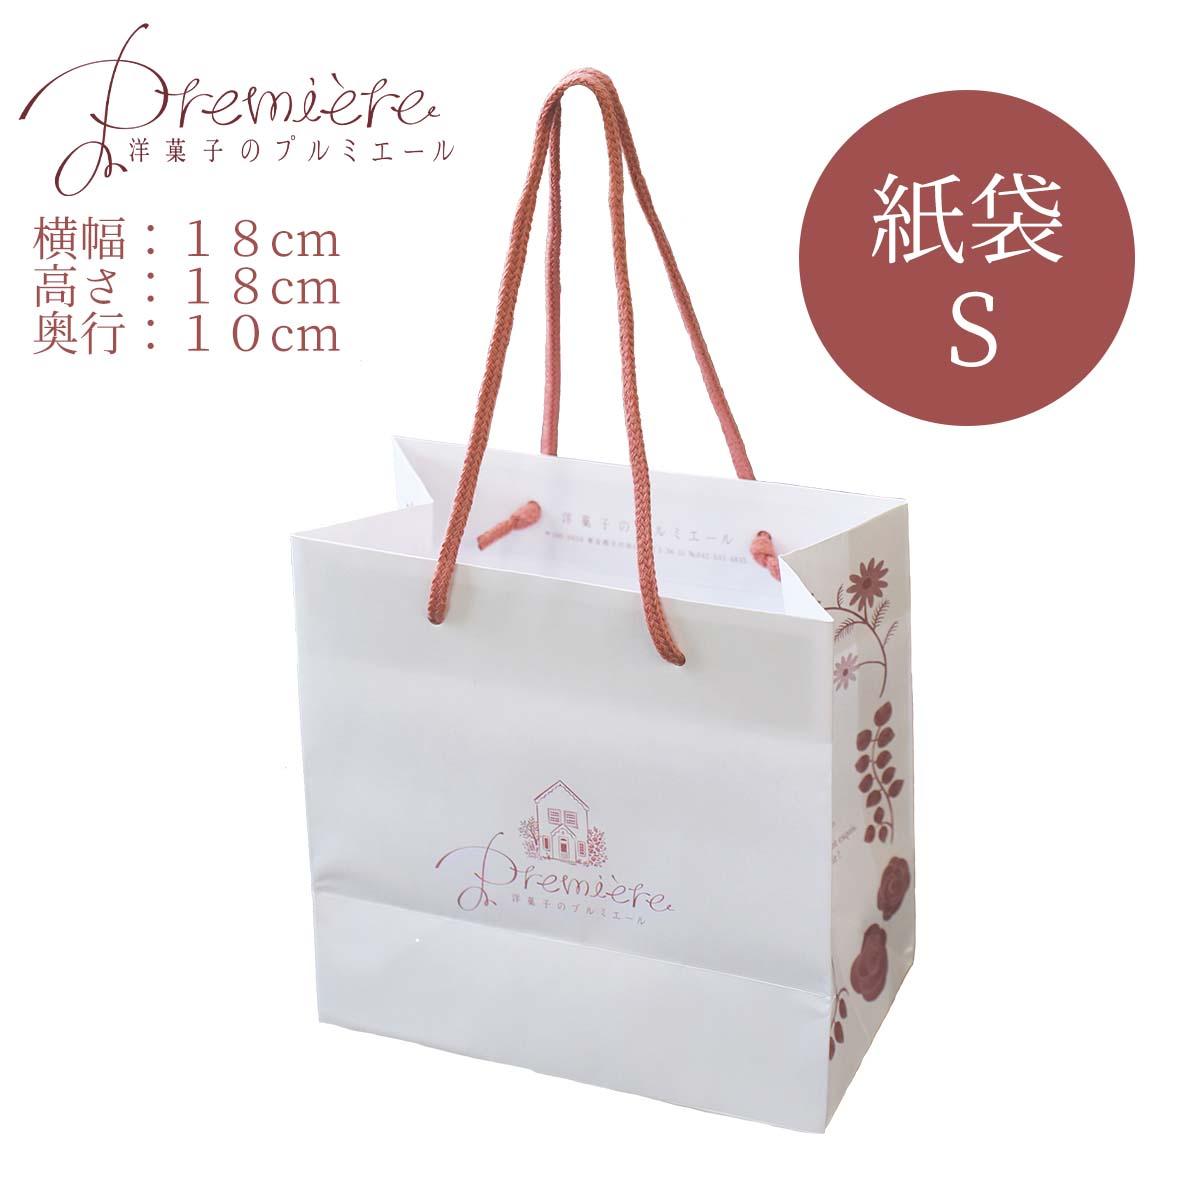 今ダケ送料無料 同梱専用 紙袋S 洋菓子のプルミエール 供え 幅18cm×高18cm×奥10cm